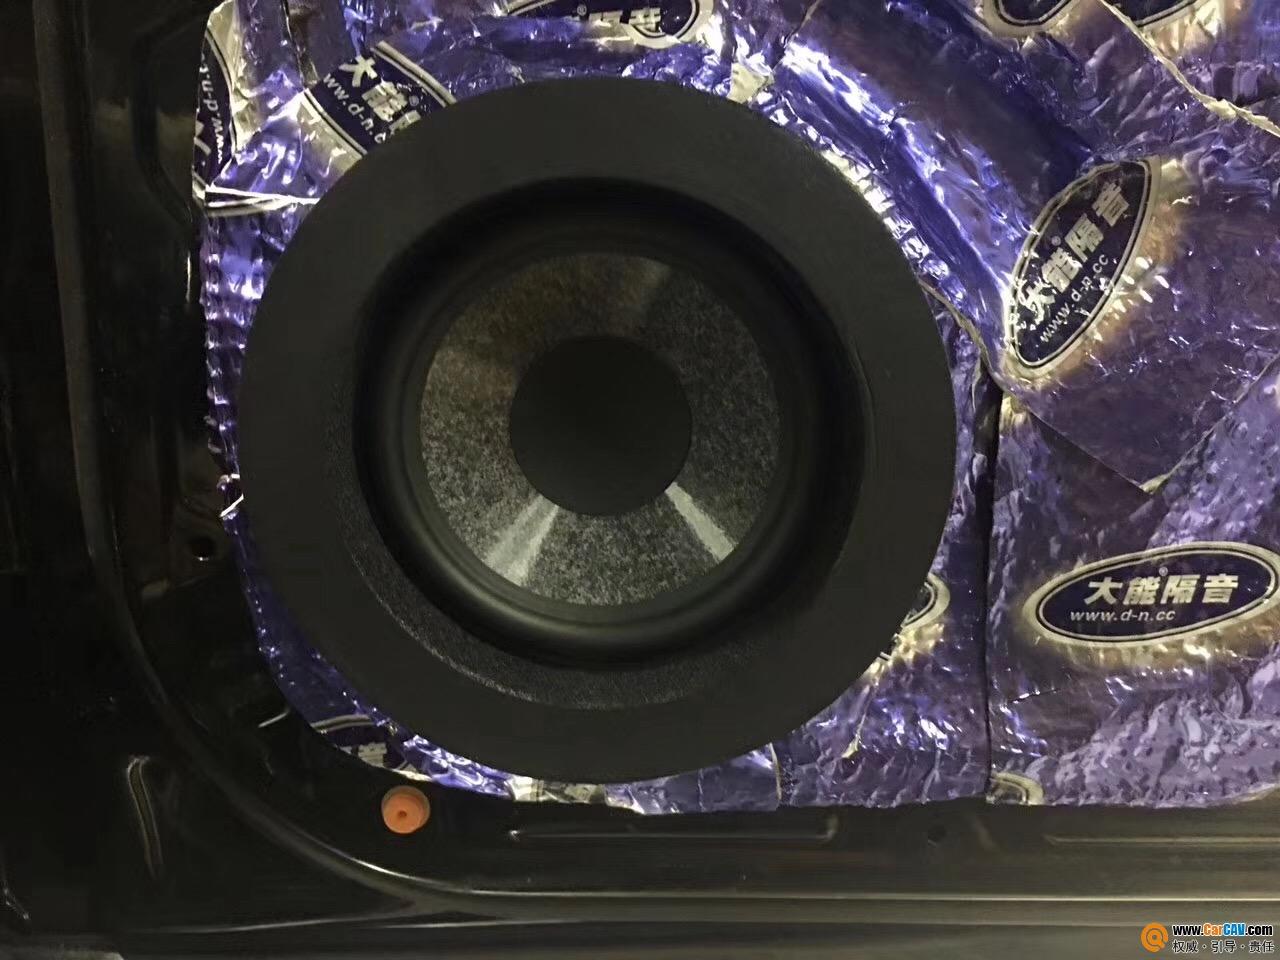 原车音响再好也要换 奔驰GL450音改FOCAL乌托邦NO.